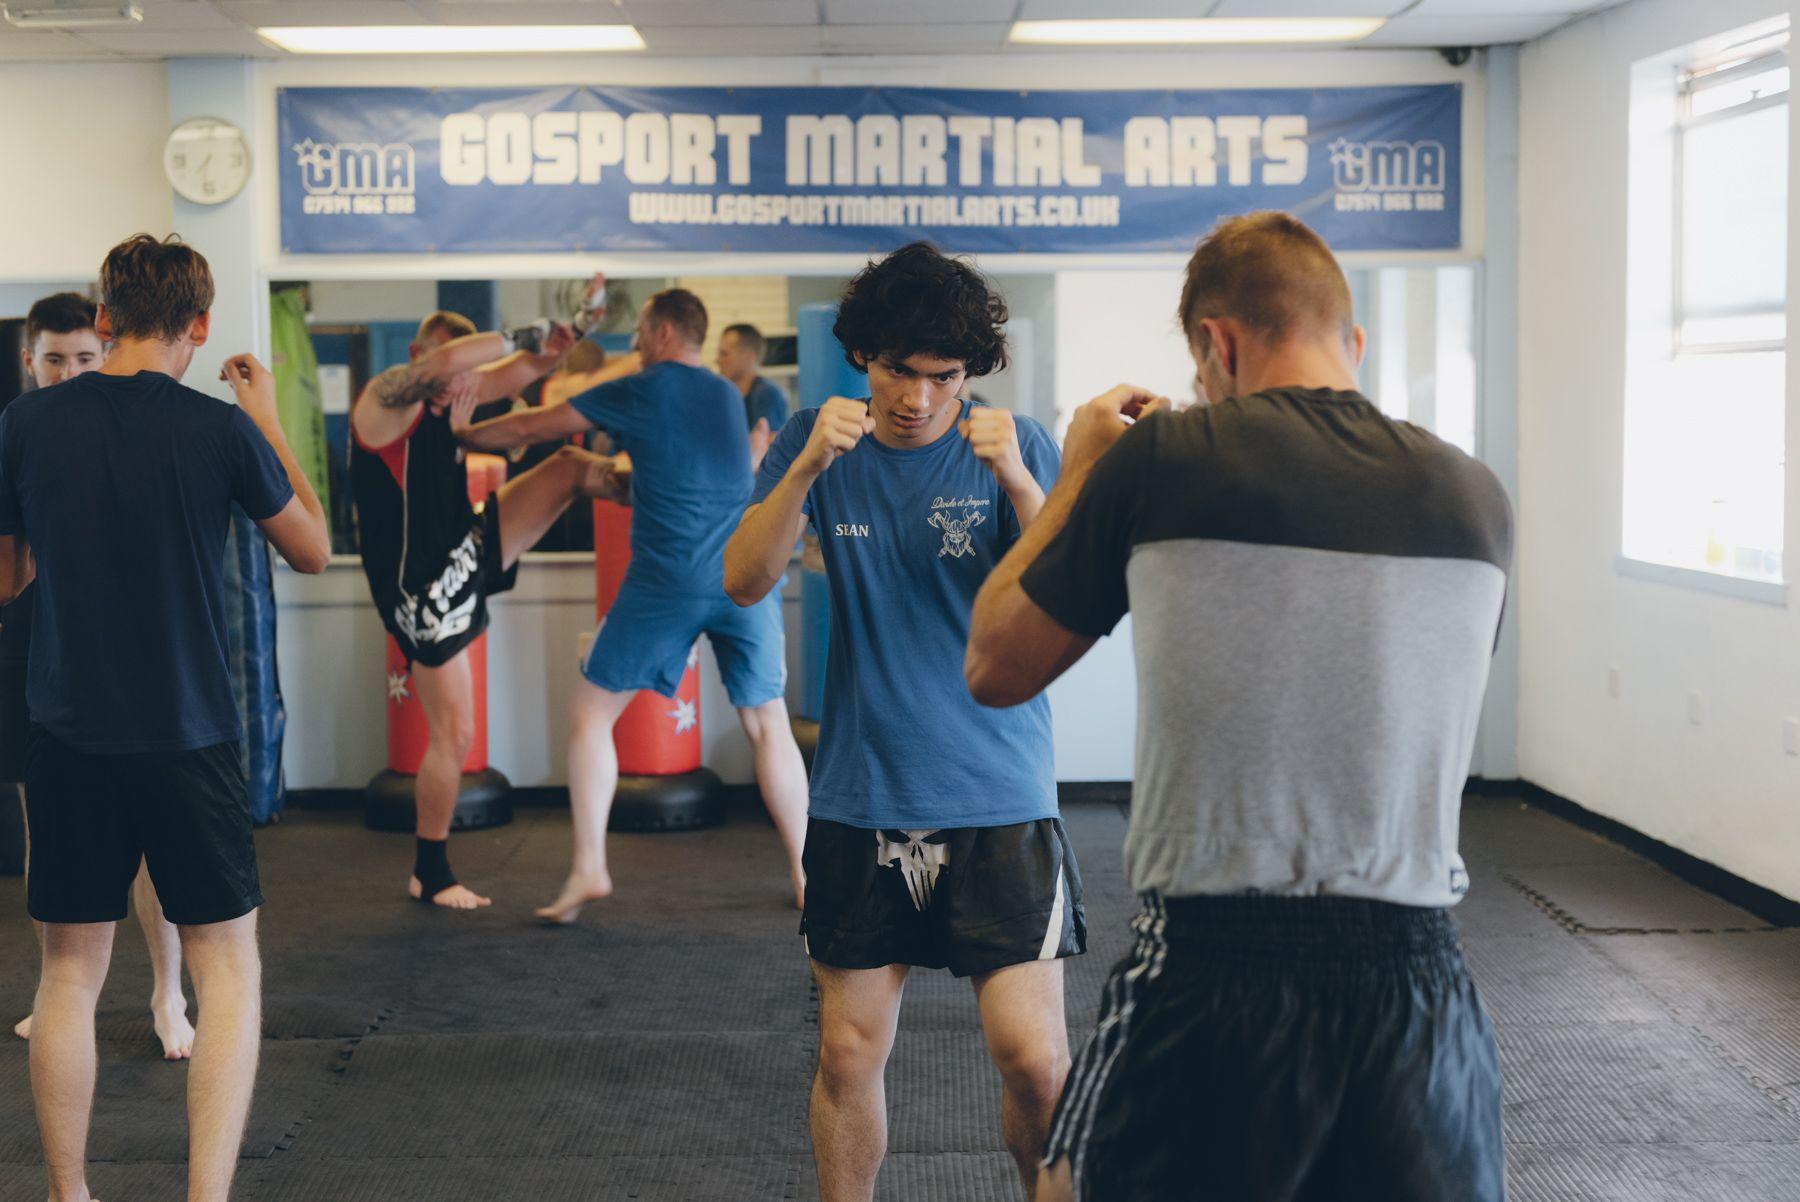 gosport martial arts adult classes